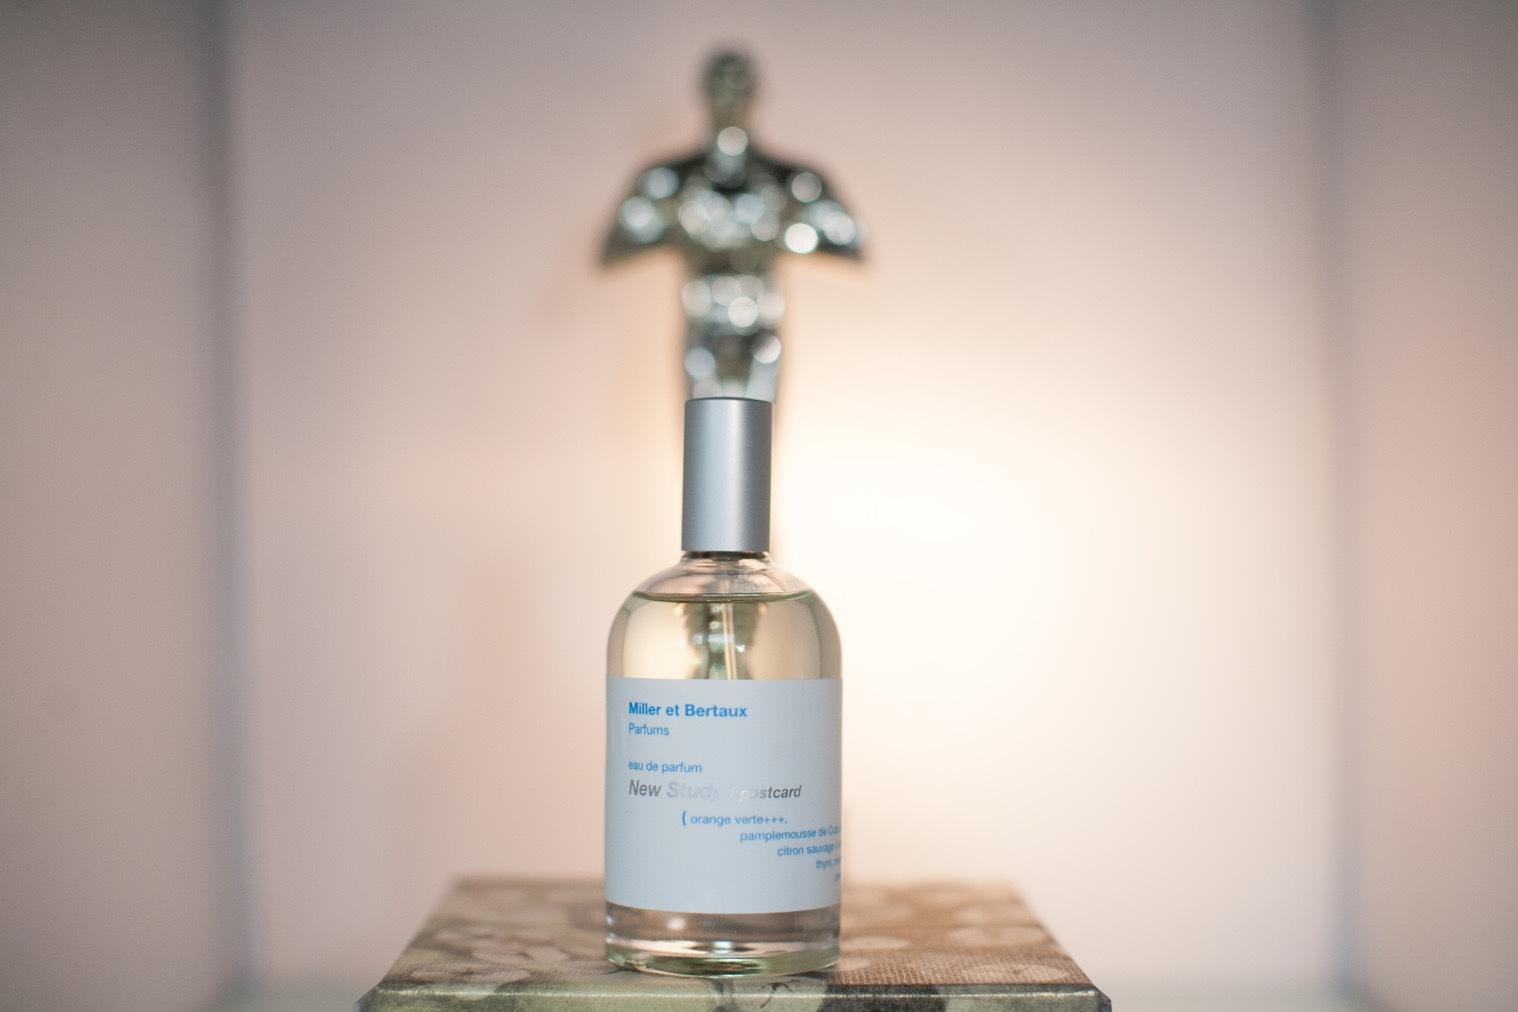 Milleretbert aux-parfums. Intressant dofthus som känns nyskapande